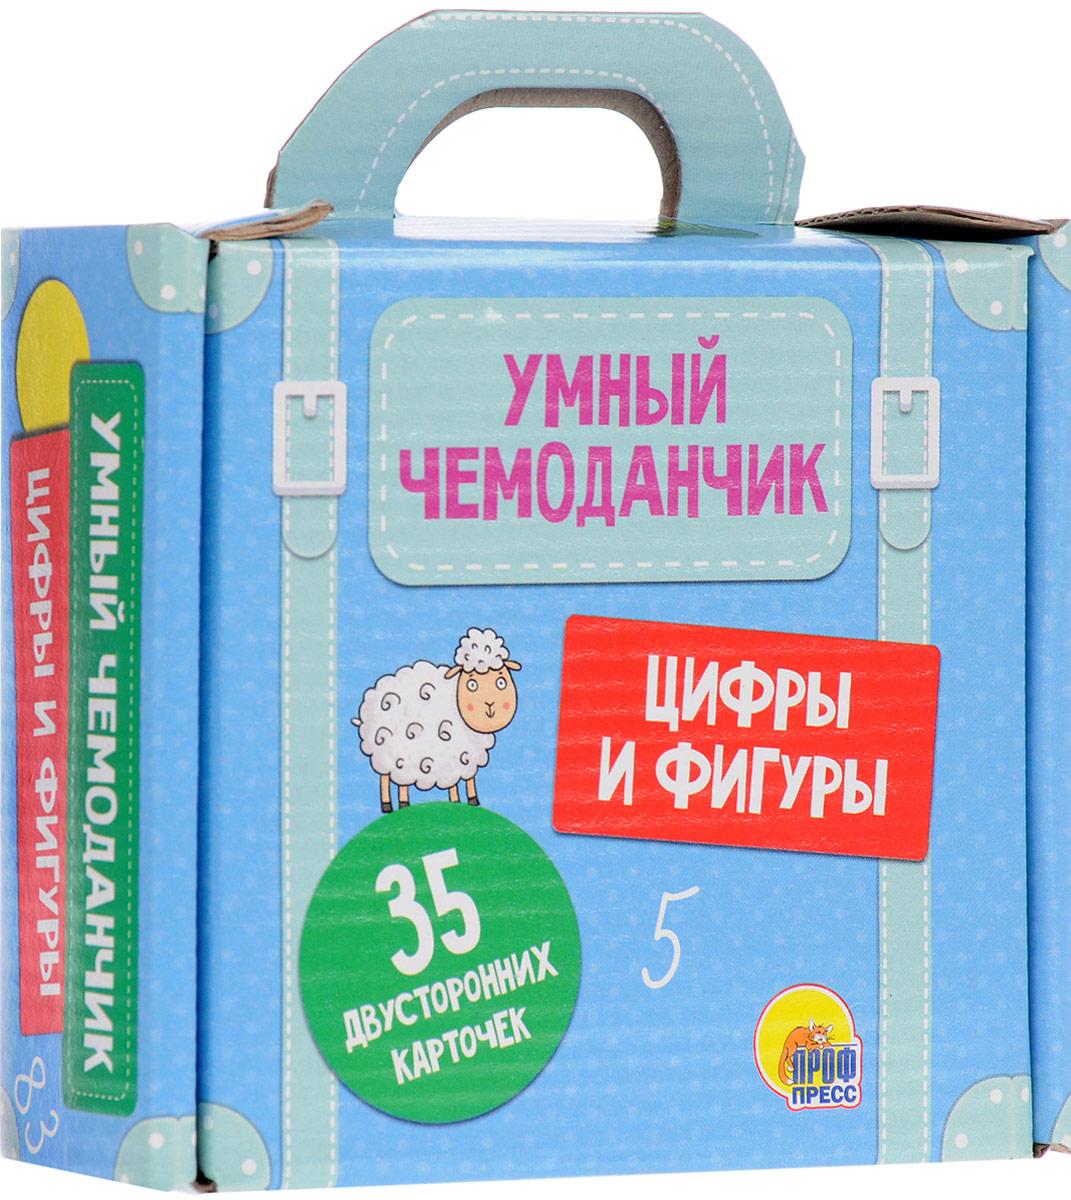 Проф-пресс Обучающие карточки Умный чемоданчик Цифры и фигуры росмэн обучающие карточки цифры и фигуры